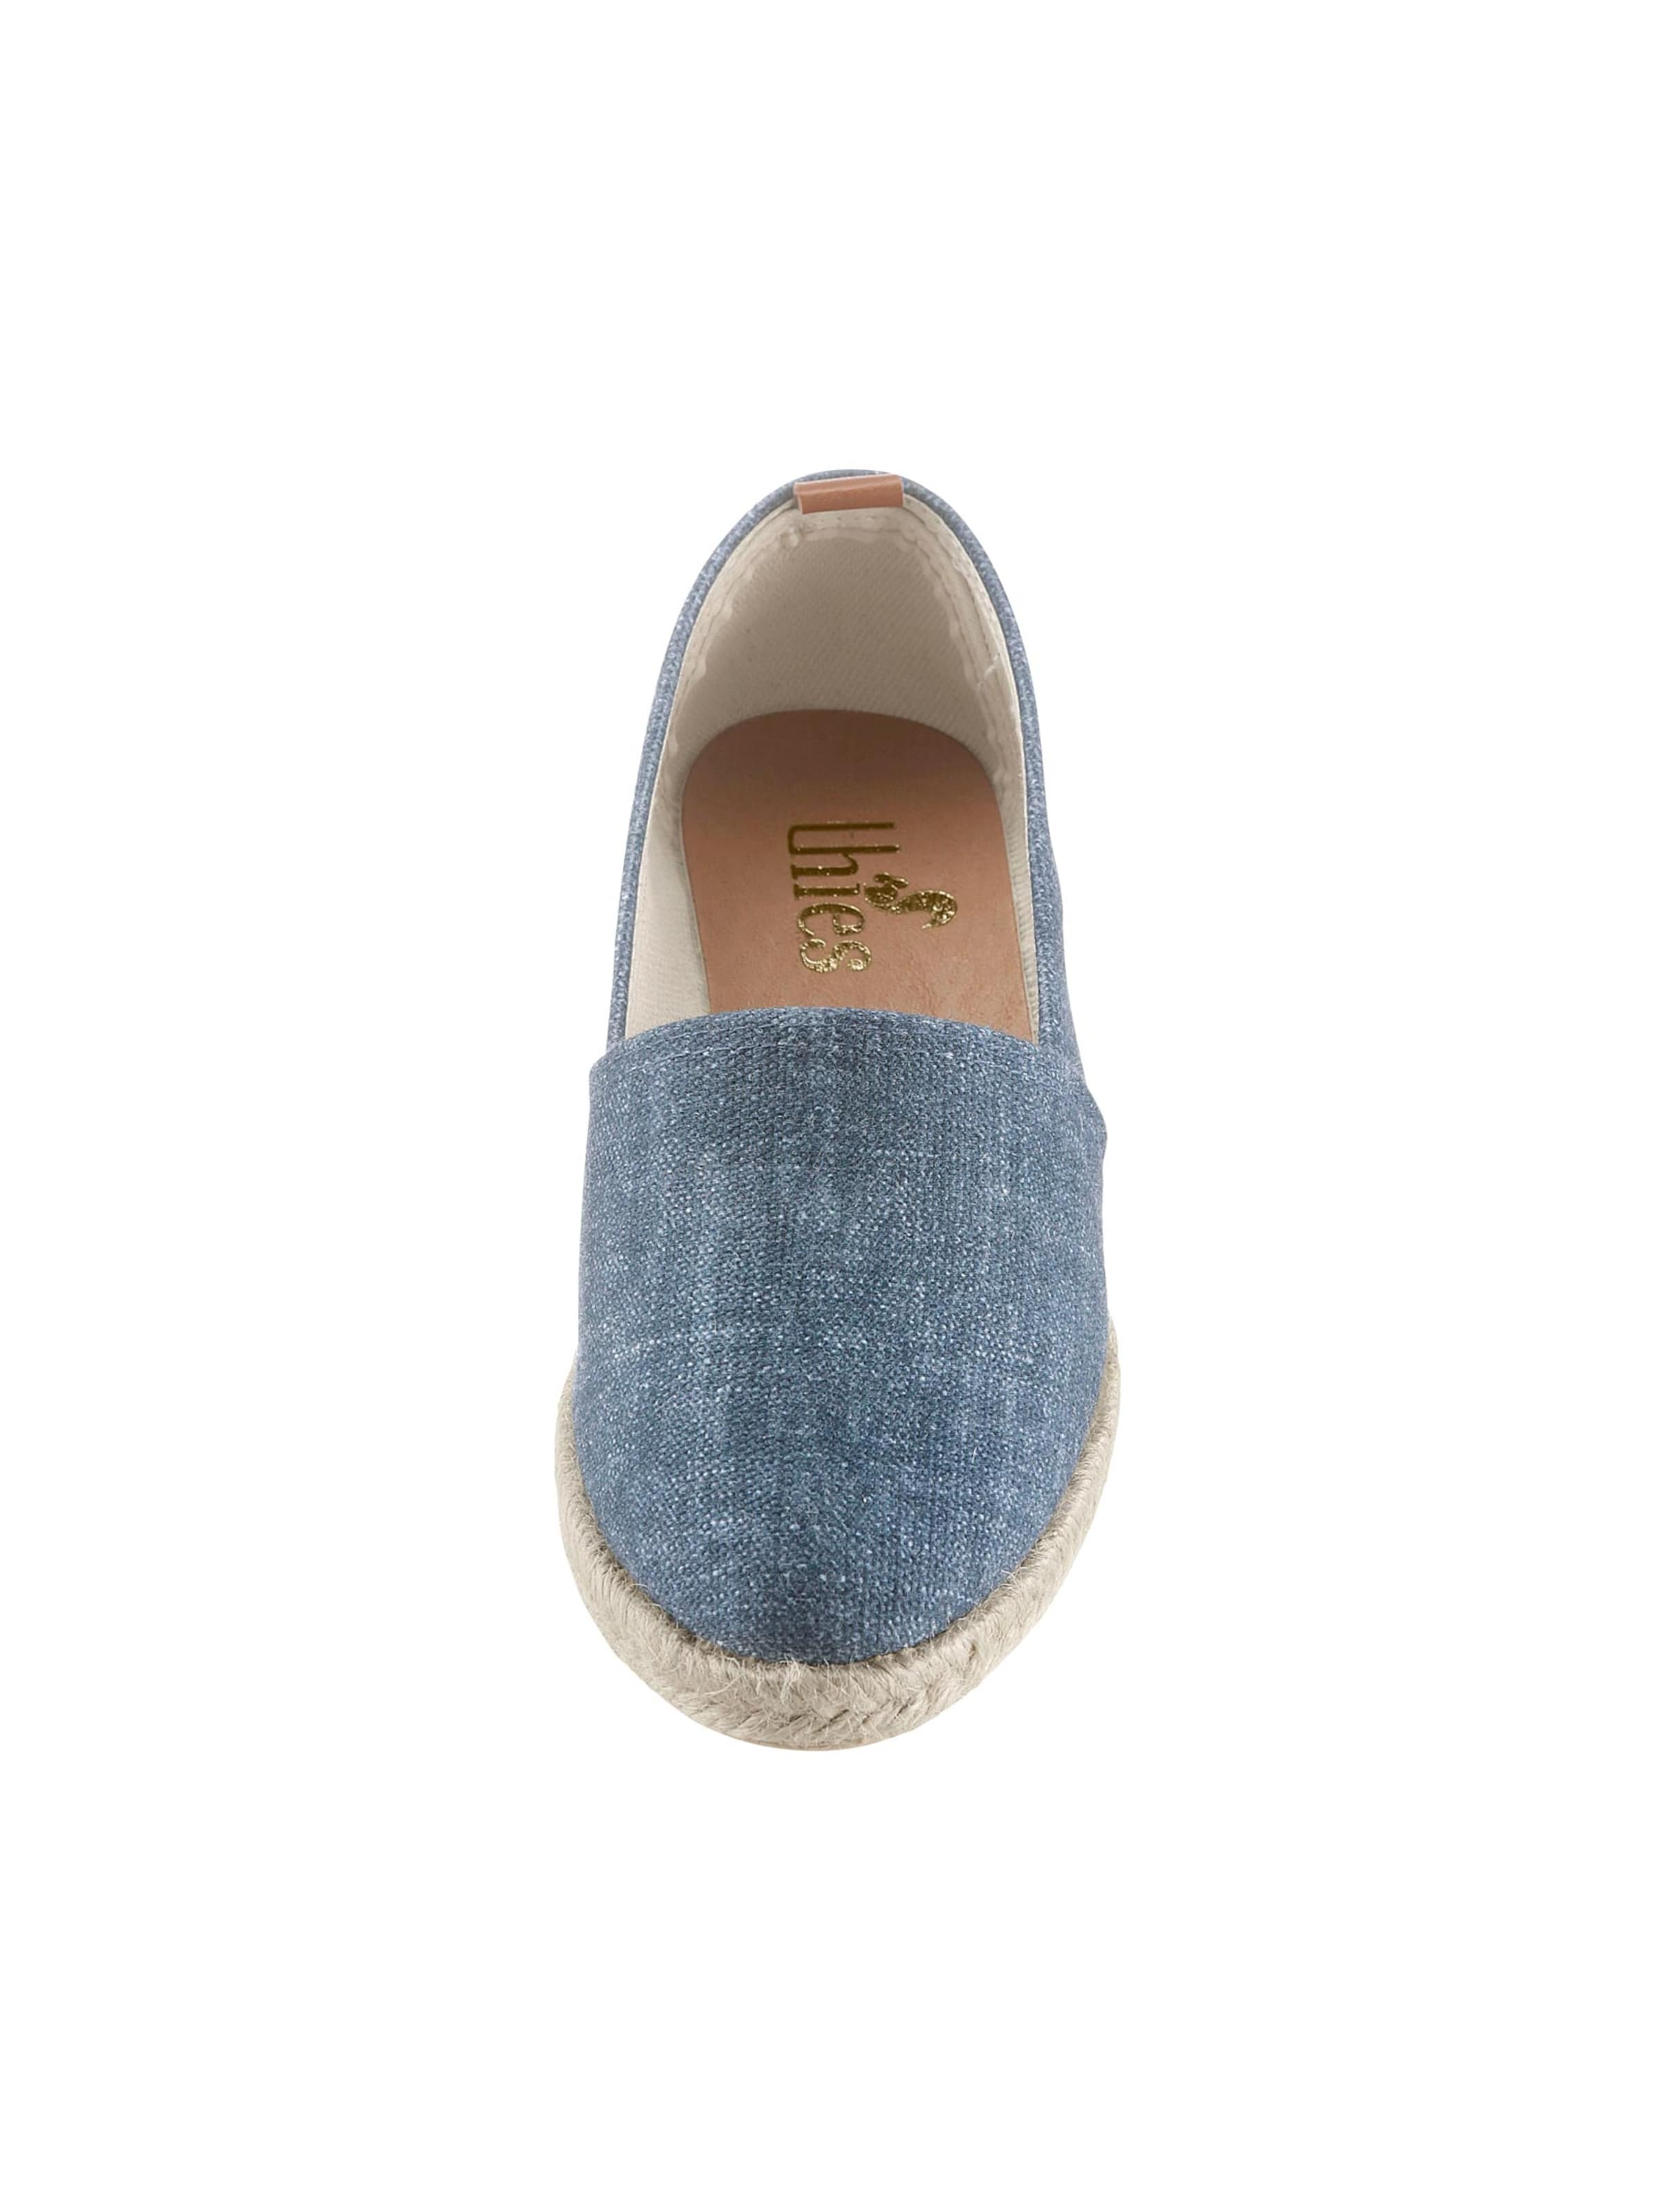 thies - Damen Slipper blau